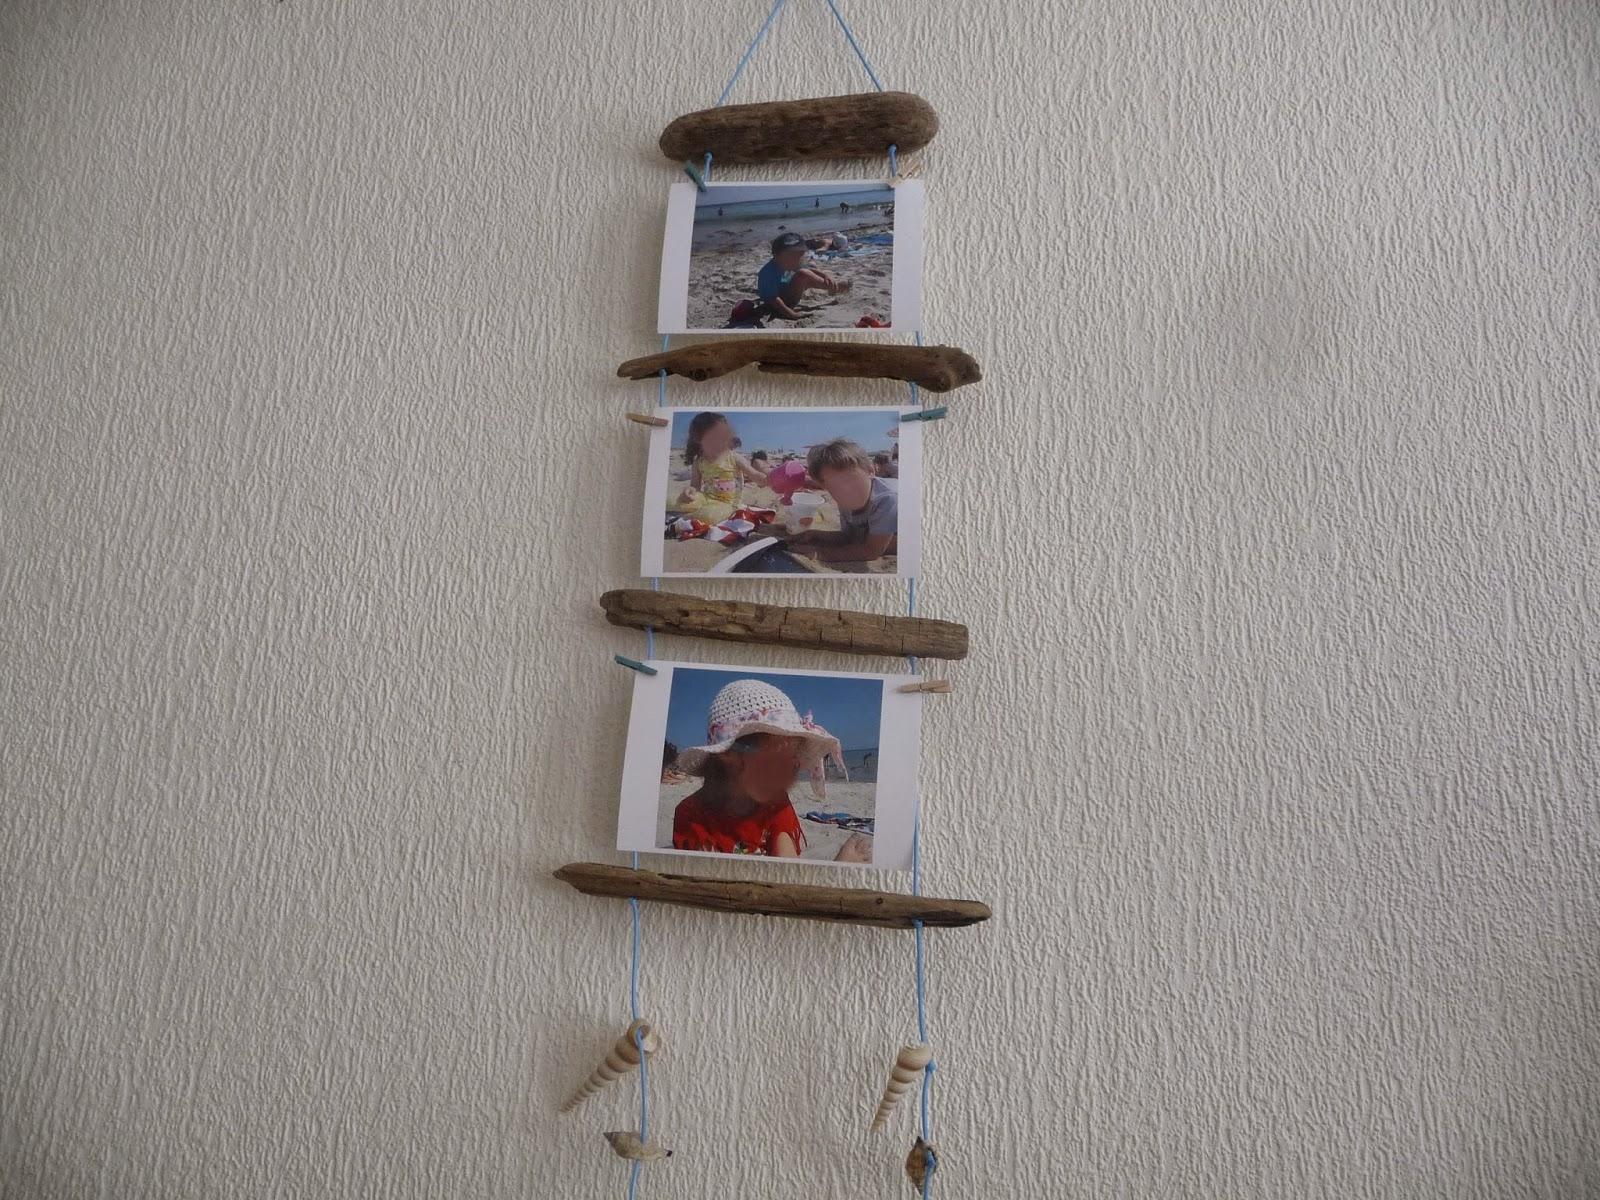 Bois Flotté Porte Photo cuillère, aiguille et scie sauteuse: porte-photos en bois flotté